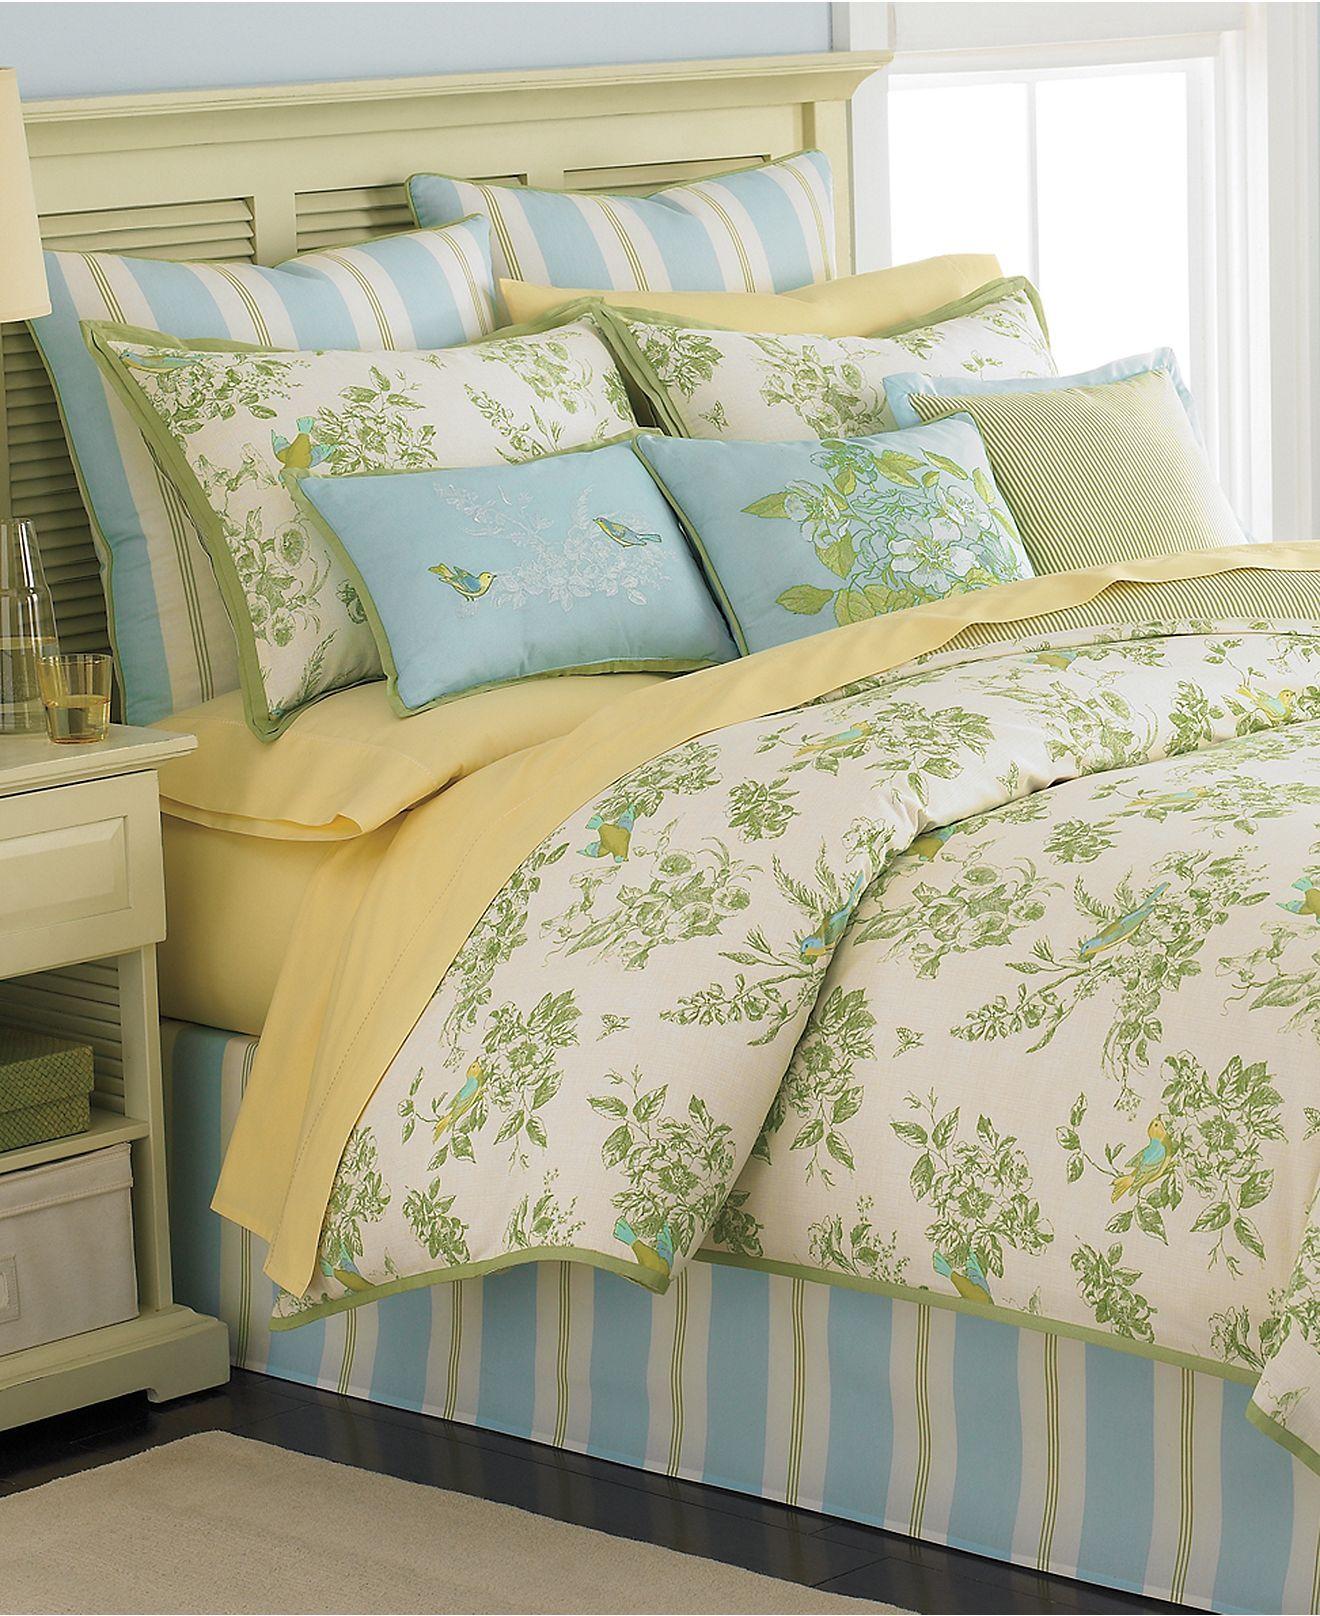 Martha Stewart Collection Bedding, Bluebird Garden 6 Piece ... on Martha Stewart 6 Piece Patio Set id=18408